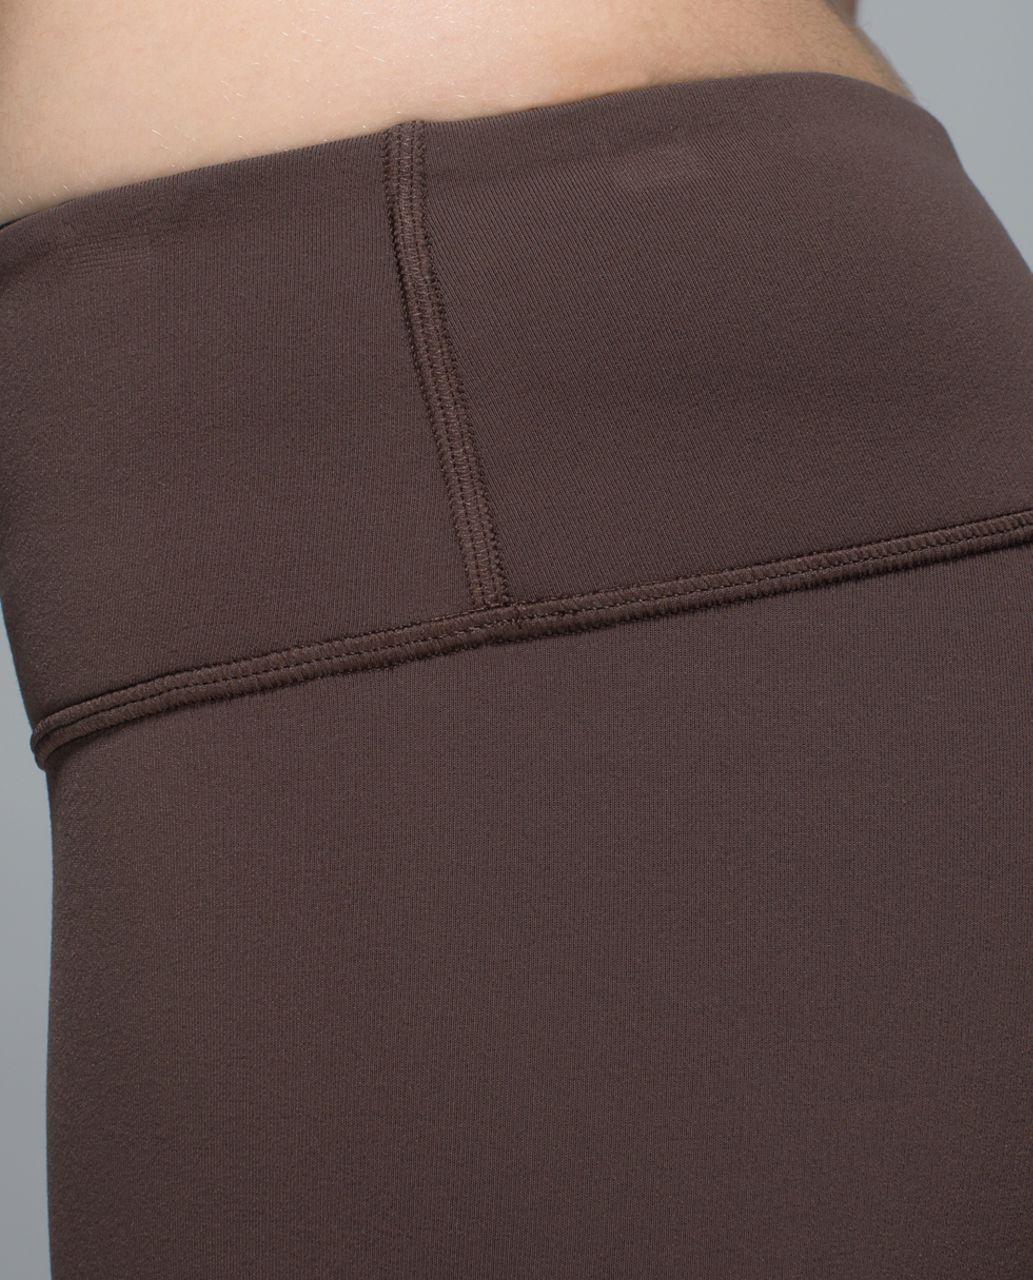 Lululemon Wunder Under Pant (Reversible) - Bark Chocolate / Black